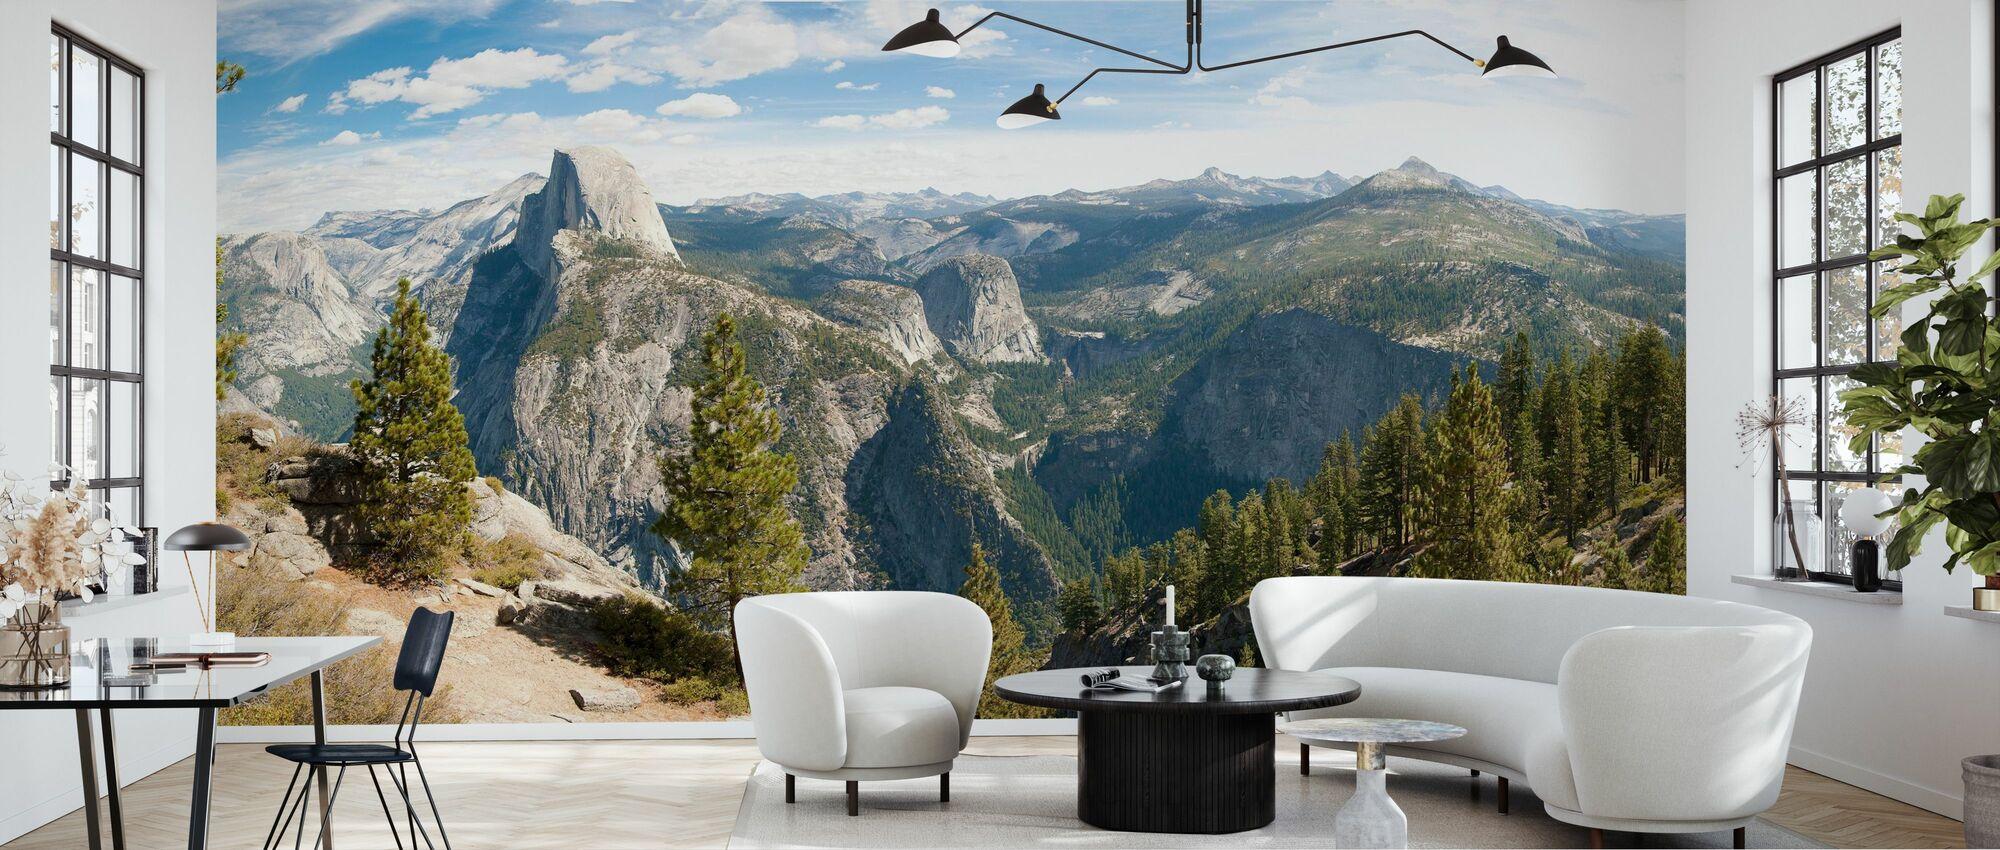 Yosemite park, California - Wallpaper - Living Room